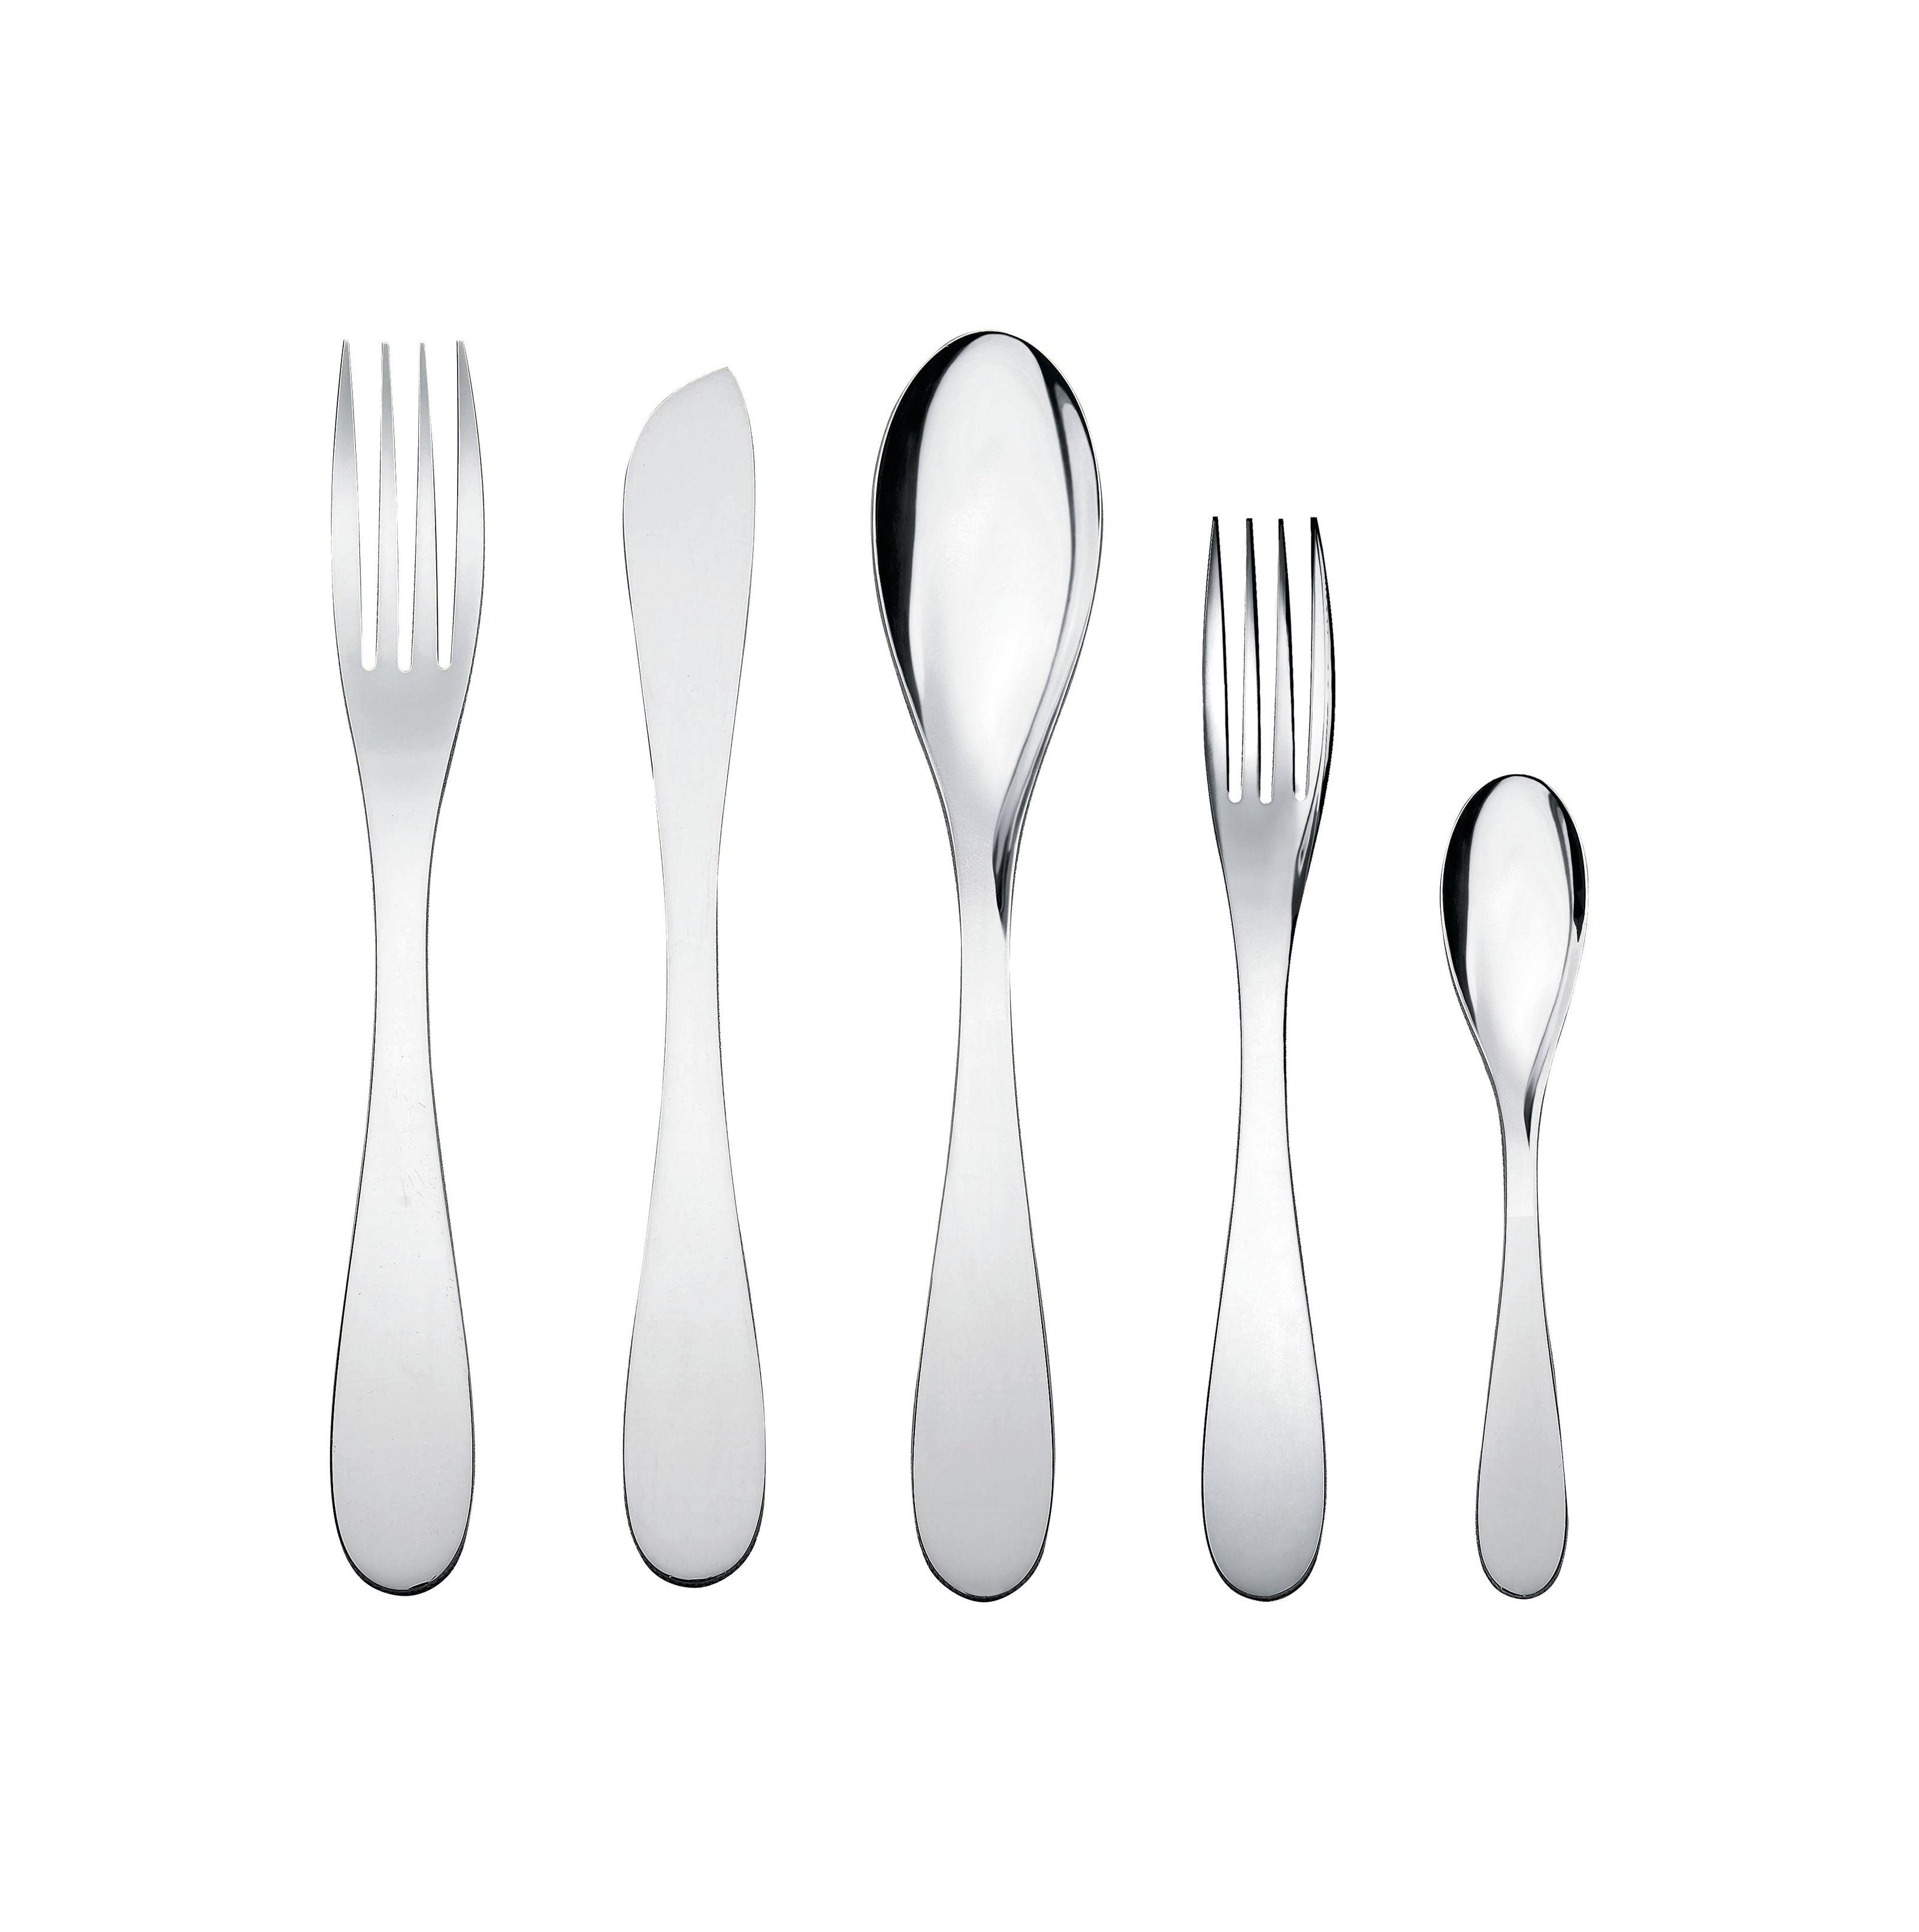 Arts de la table - Couverts de table - Set de couverts Eat.it / 1 personne - 5 pièces - Alessi - Métal brillant - Acier inoxydable 18/10